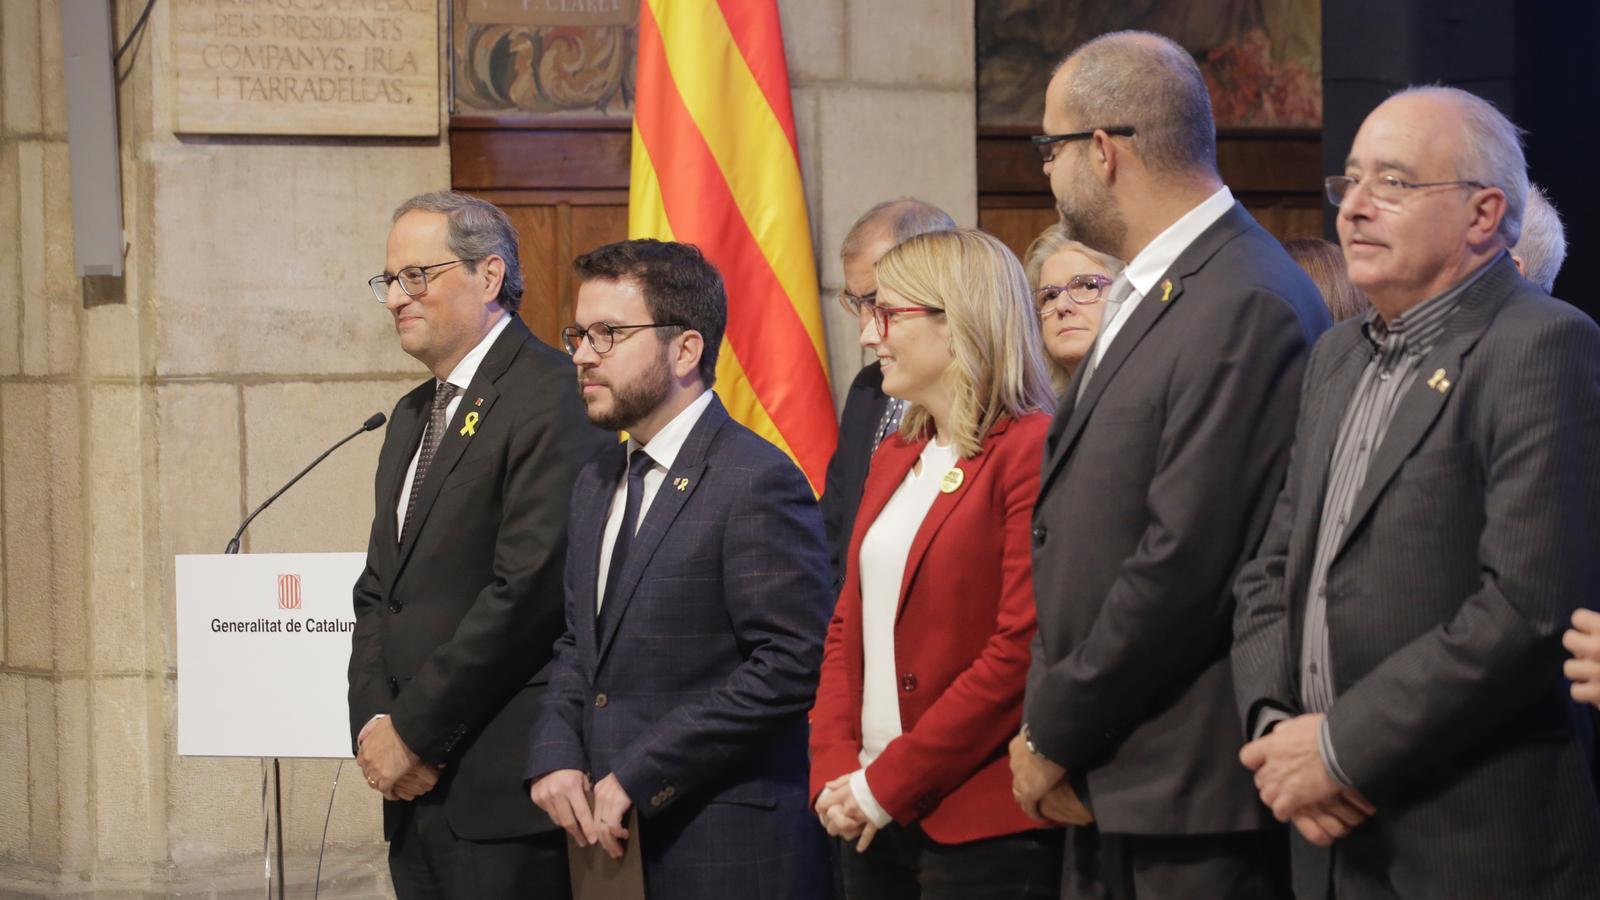 El president Torra, amb la resta de membres del Govern, durant la presentació del Consell per la República